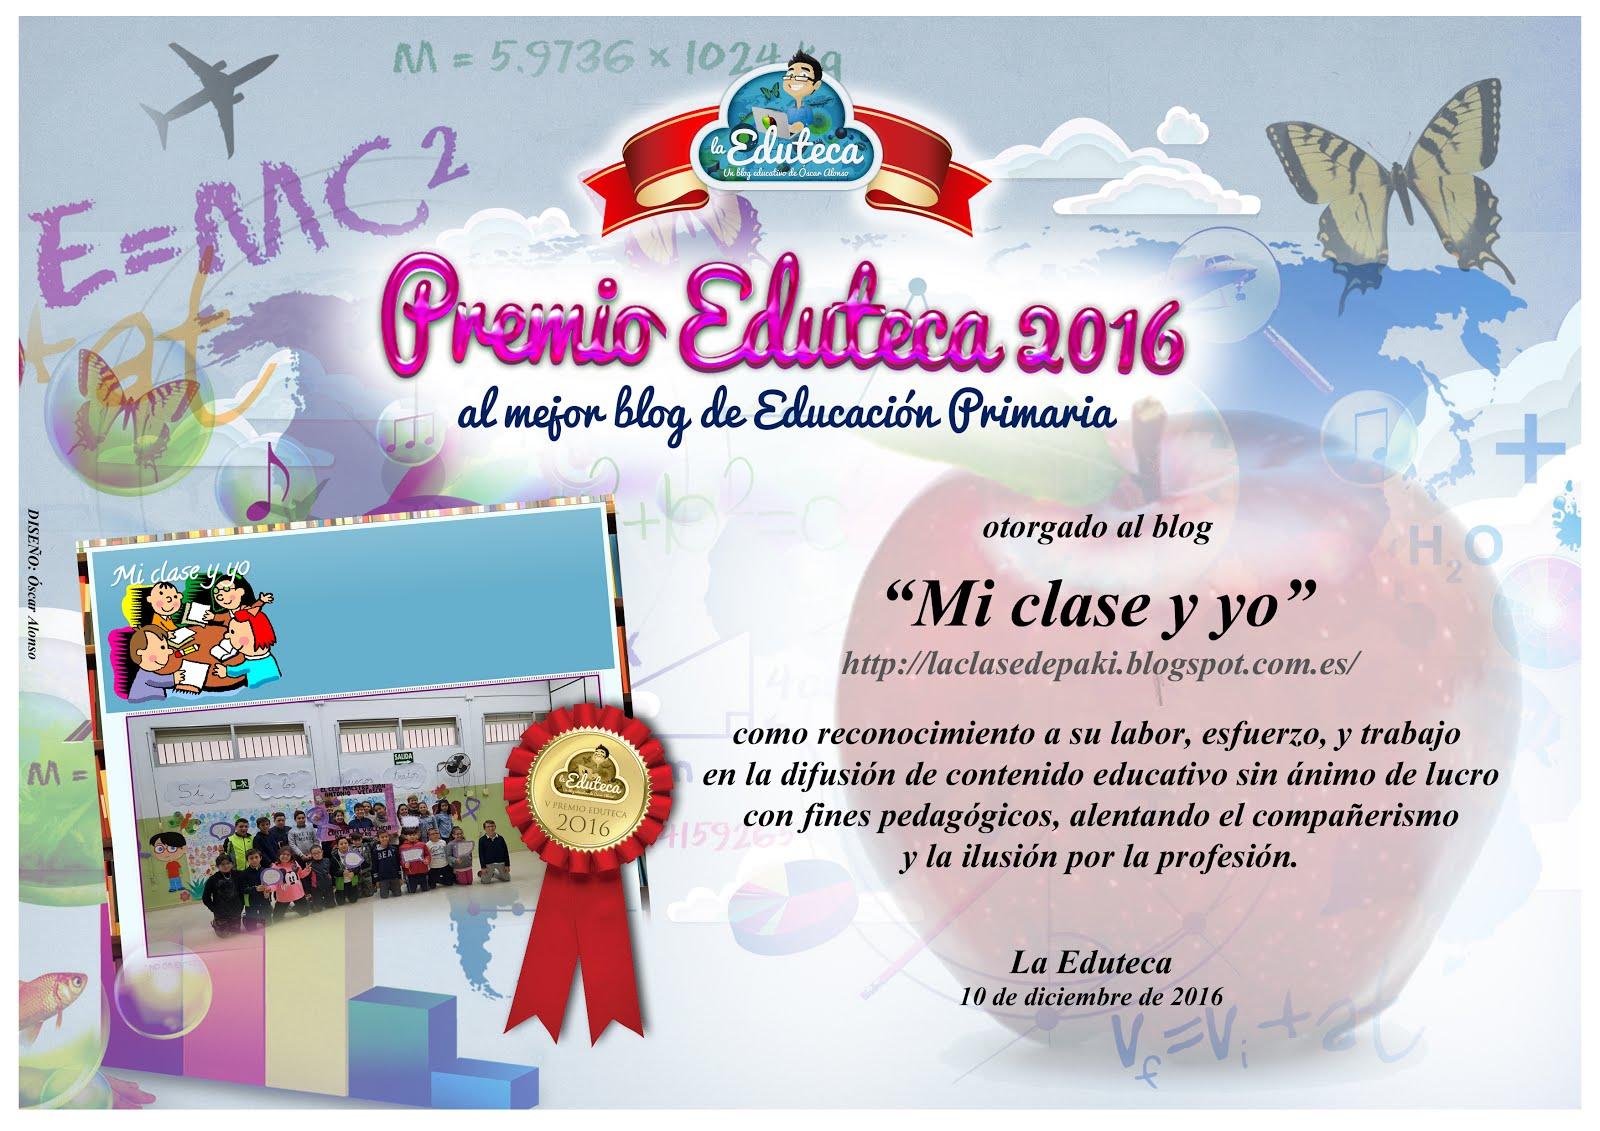 V Premio Eduteca 2016